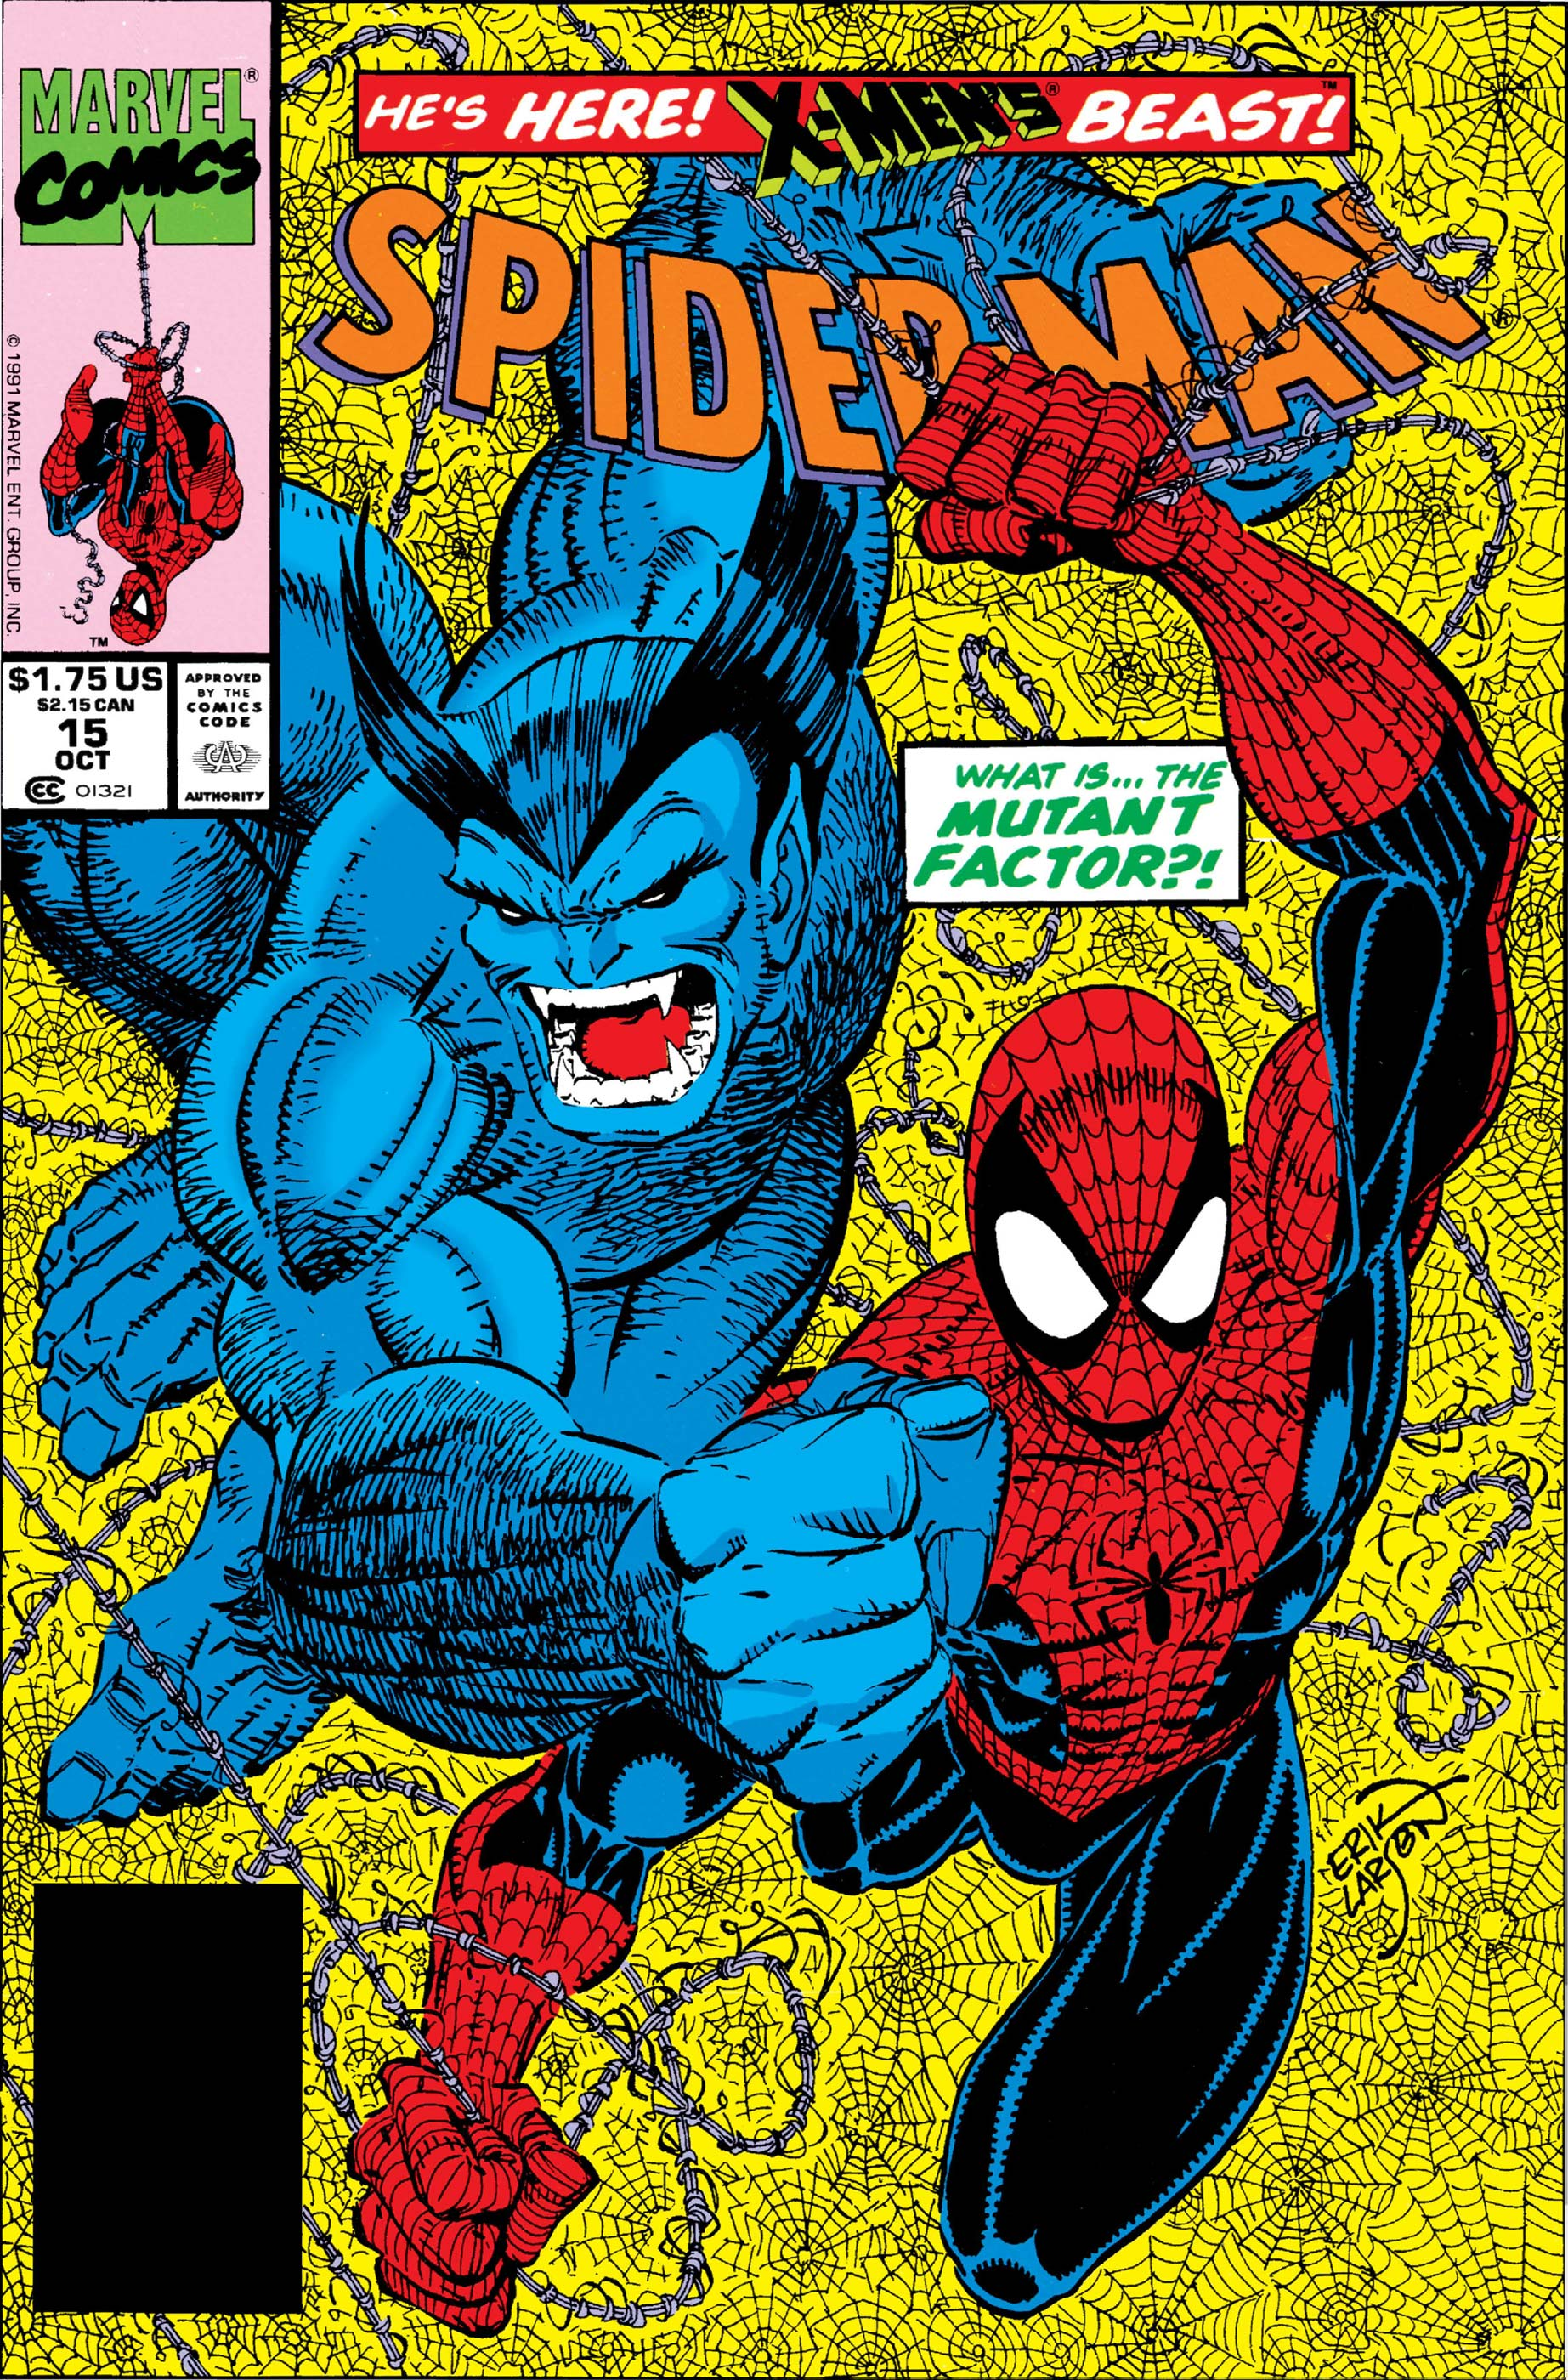 Spider-Man (1990) #15